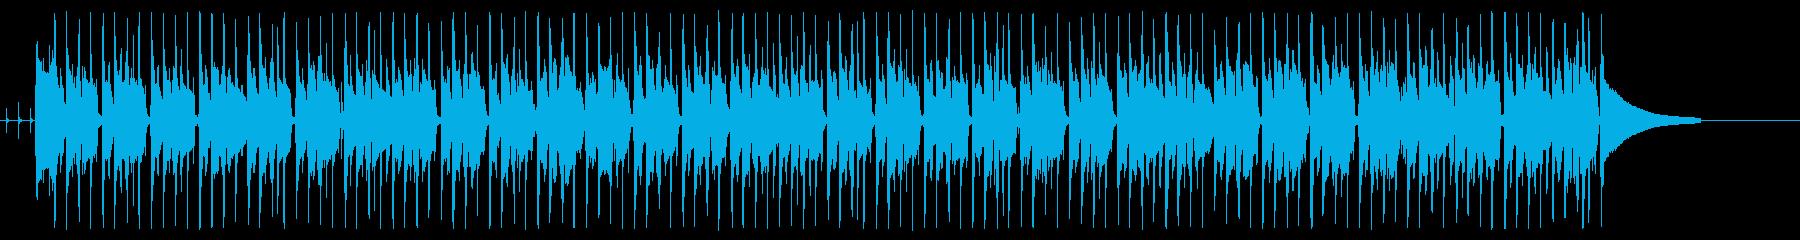 使いやすいファンクの再生済みの波形